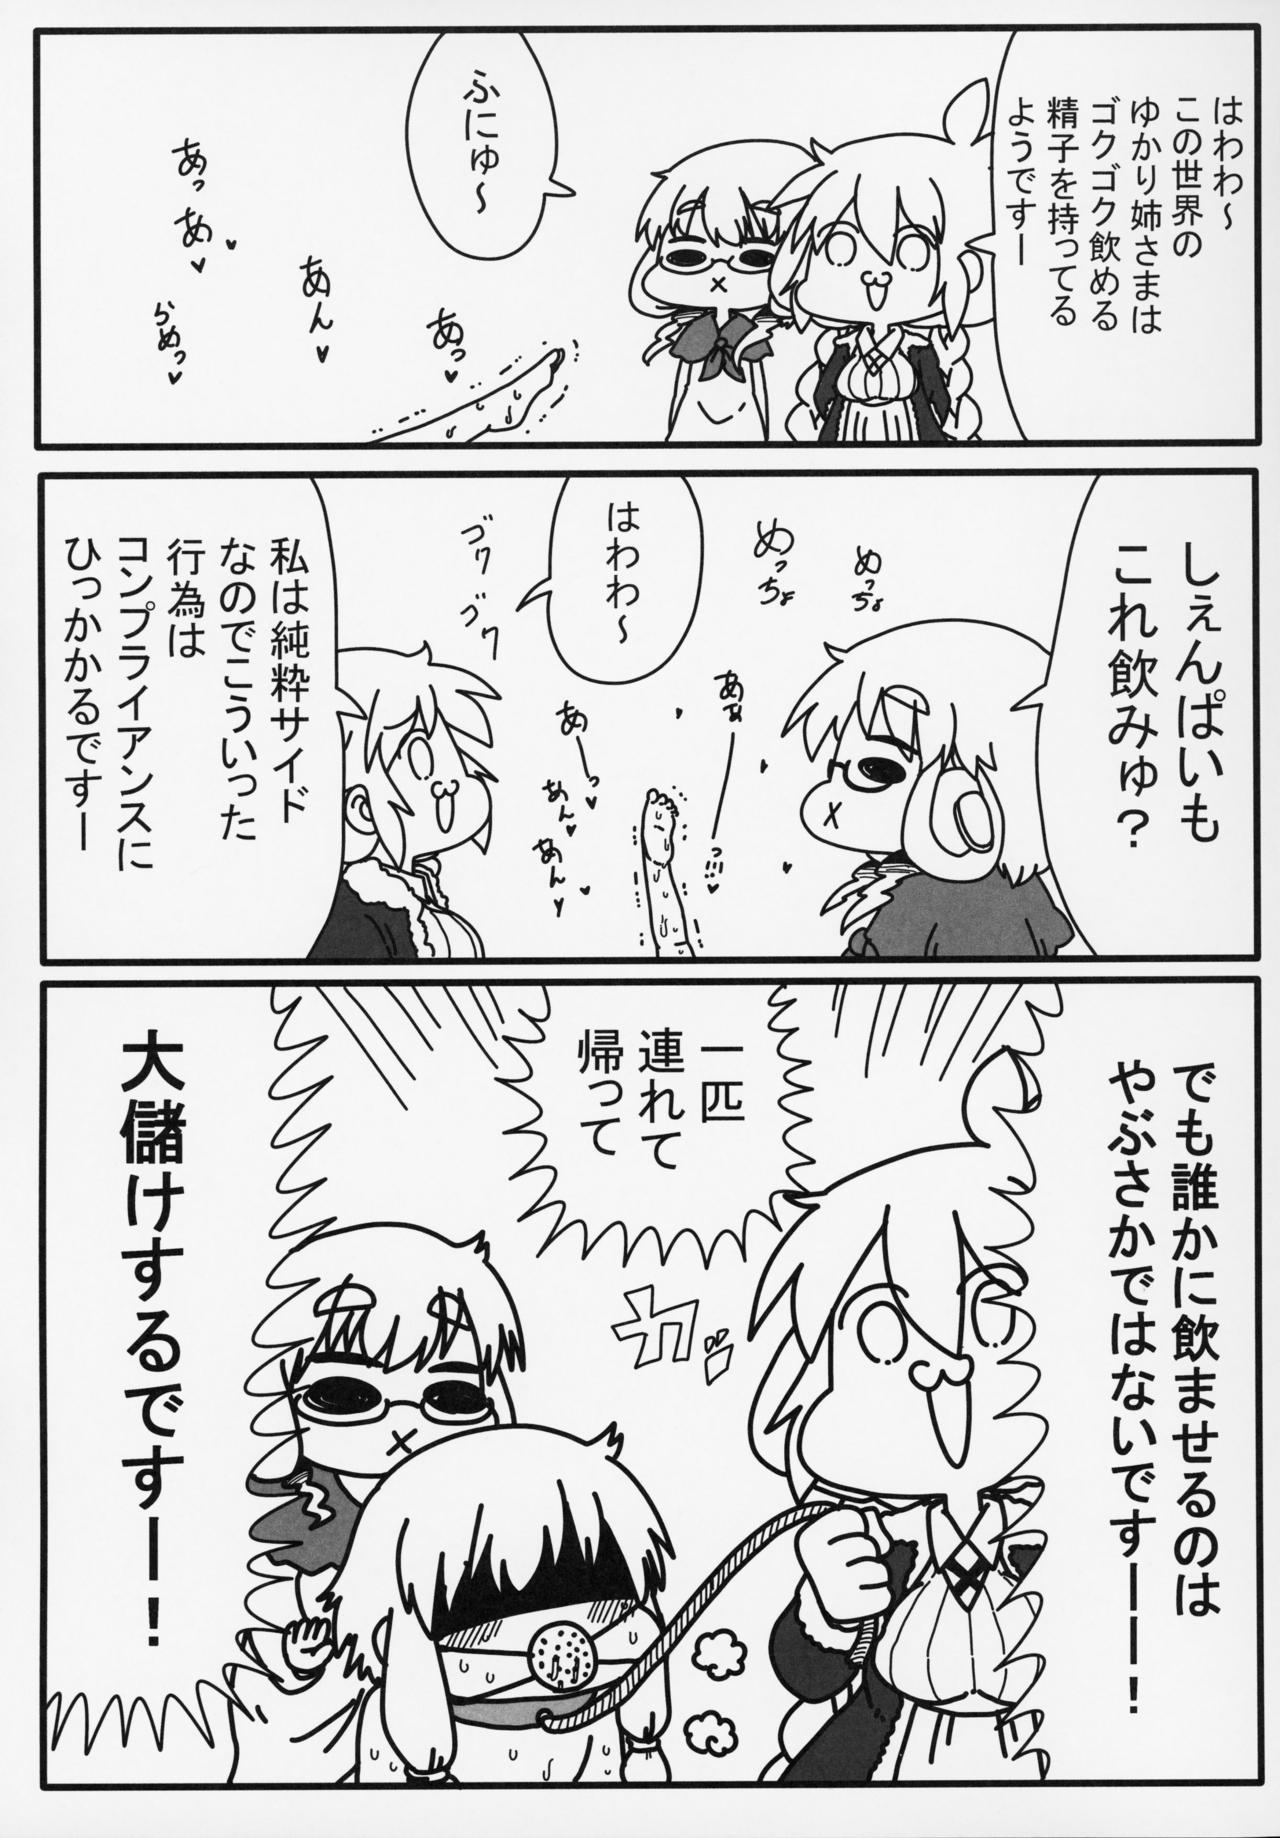 Futanari Yukari-chan no Ochinpo Milk wa Sekai de Ichiban Oichii to, Omou no desu! 23